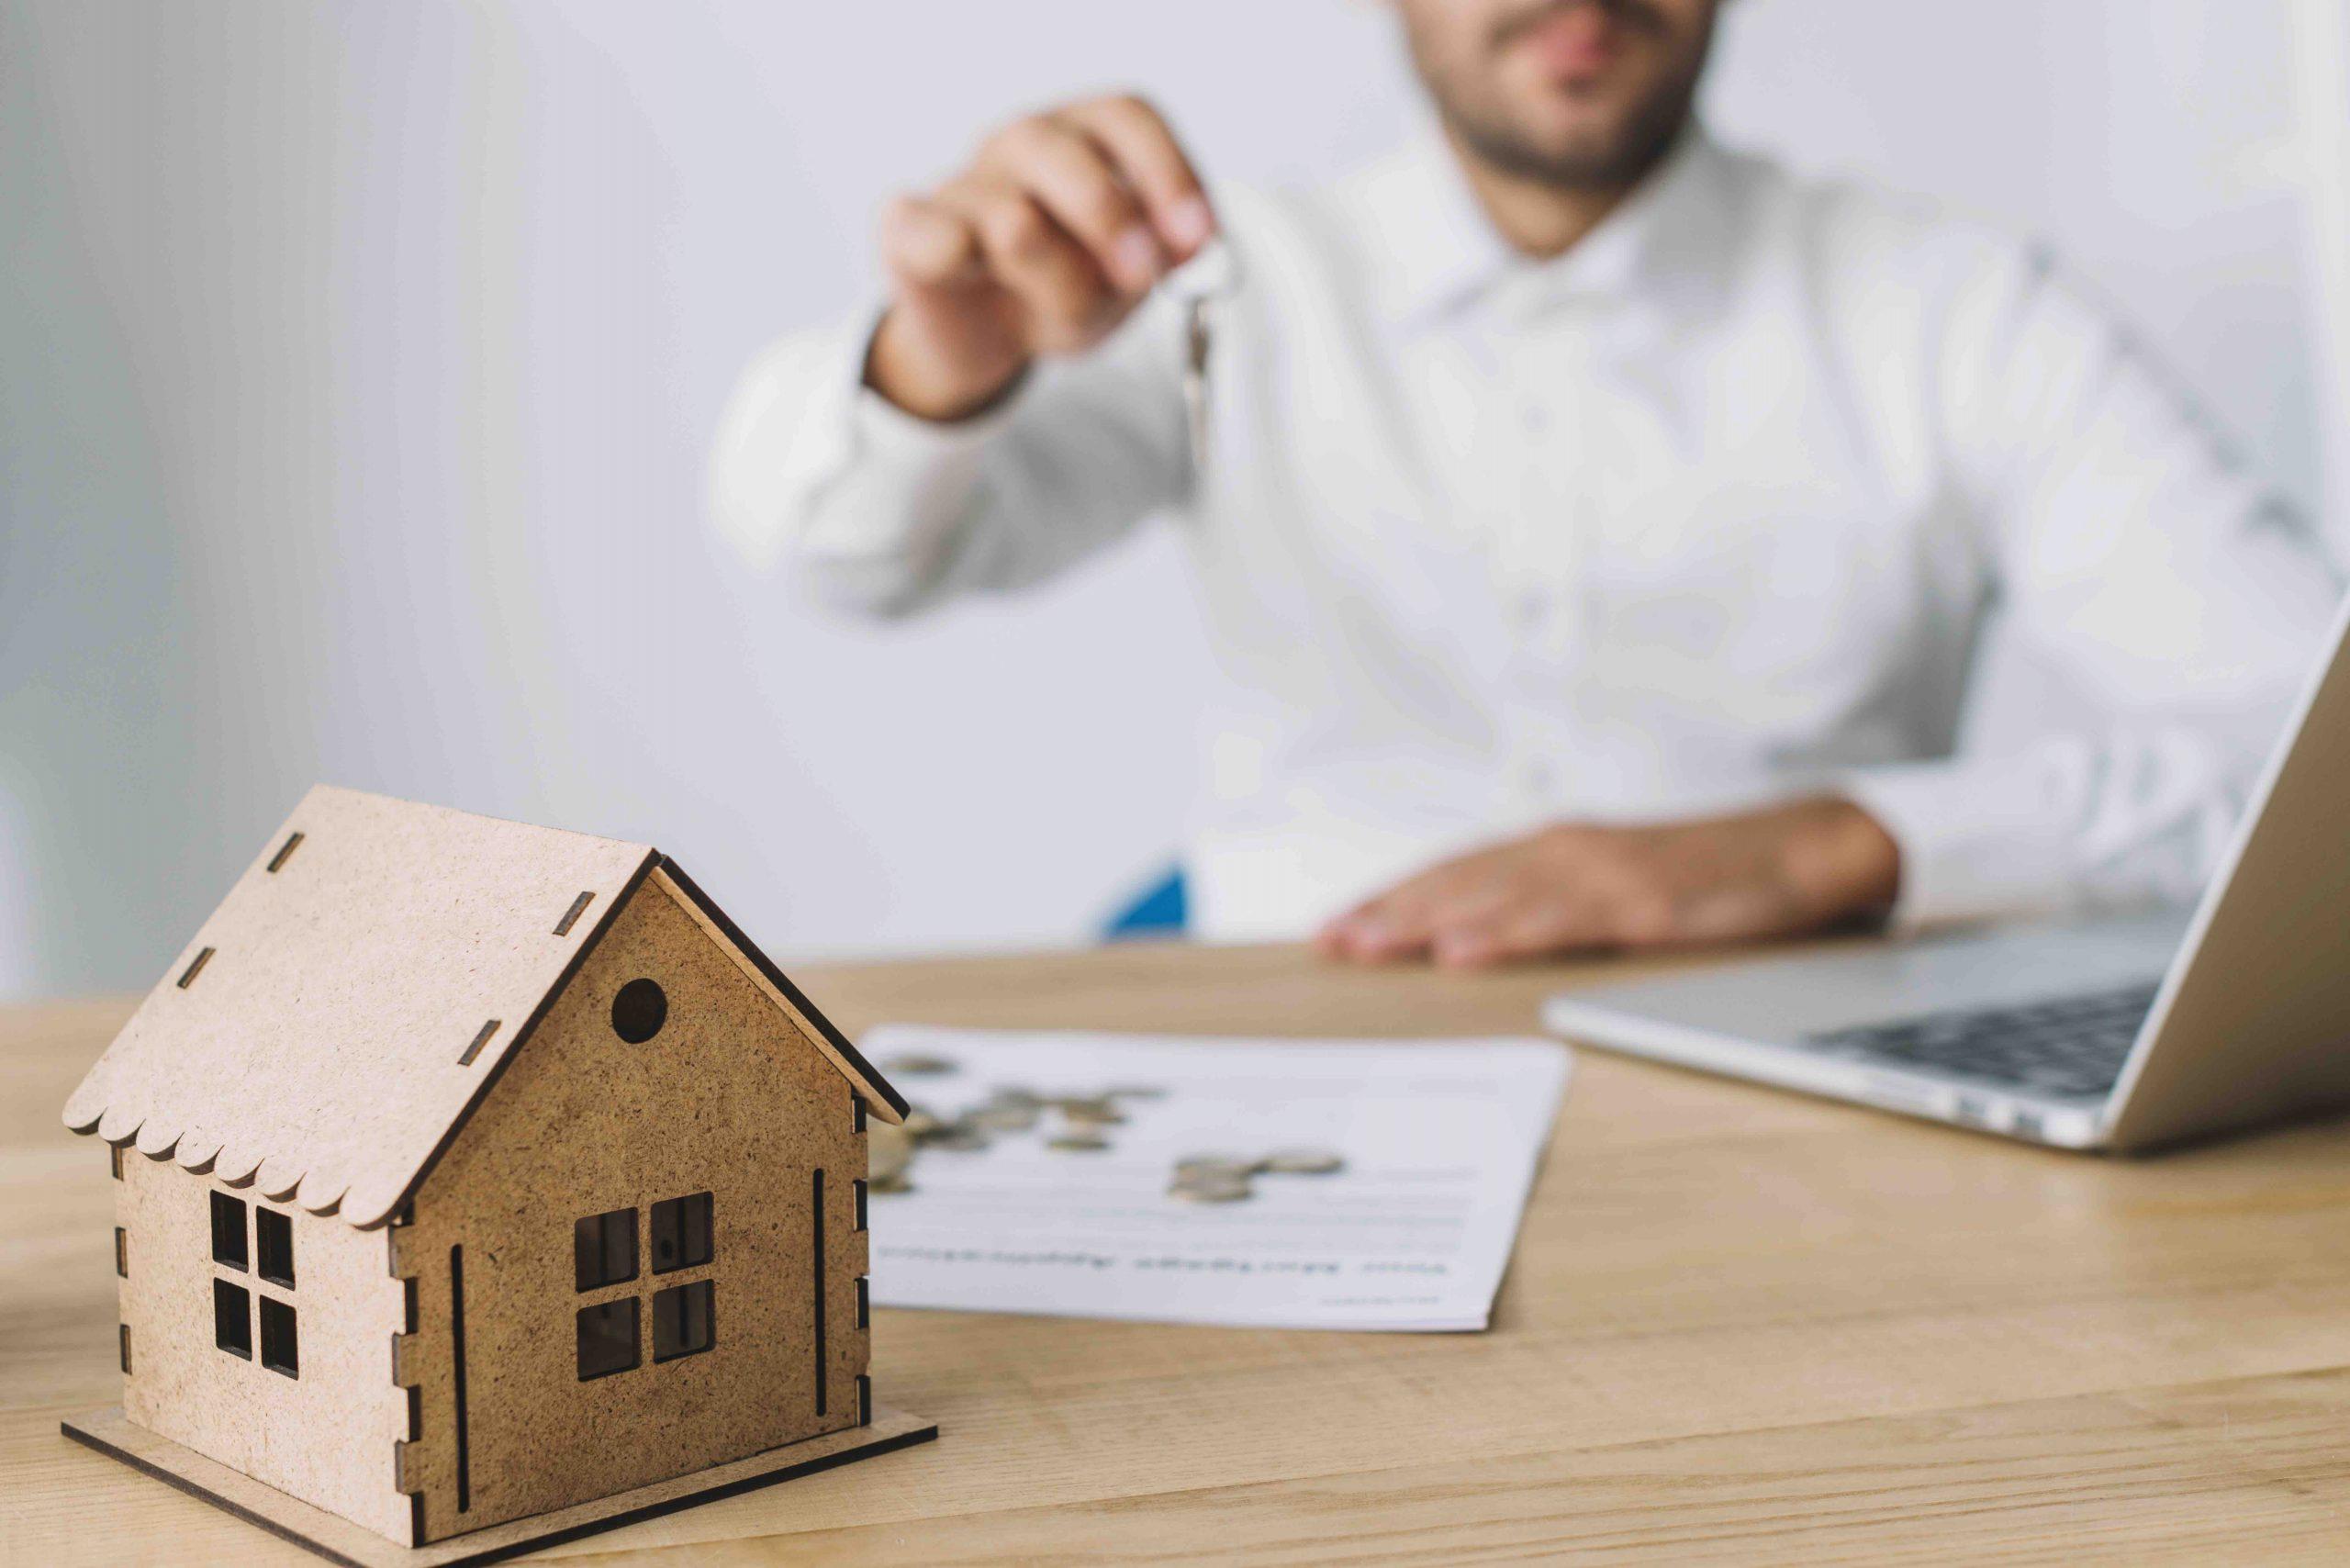 ¿Qué debes buscar en un asesor inmobiliario?